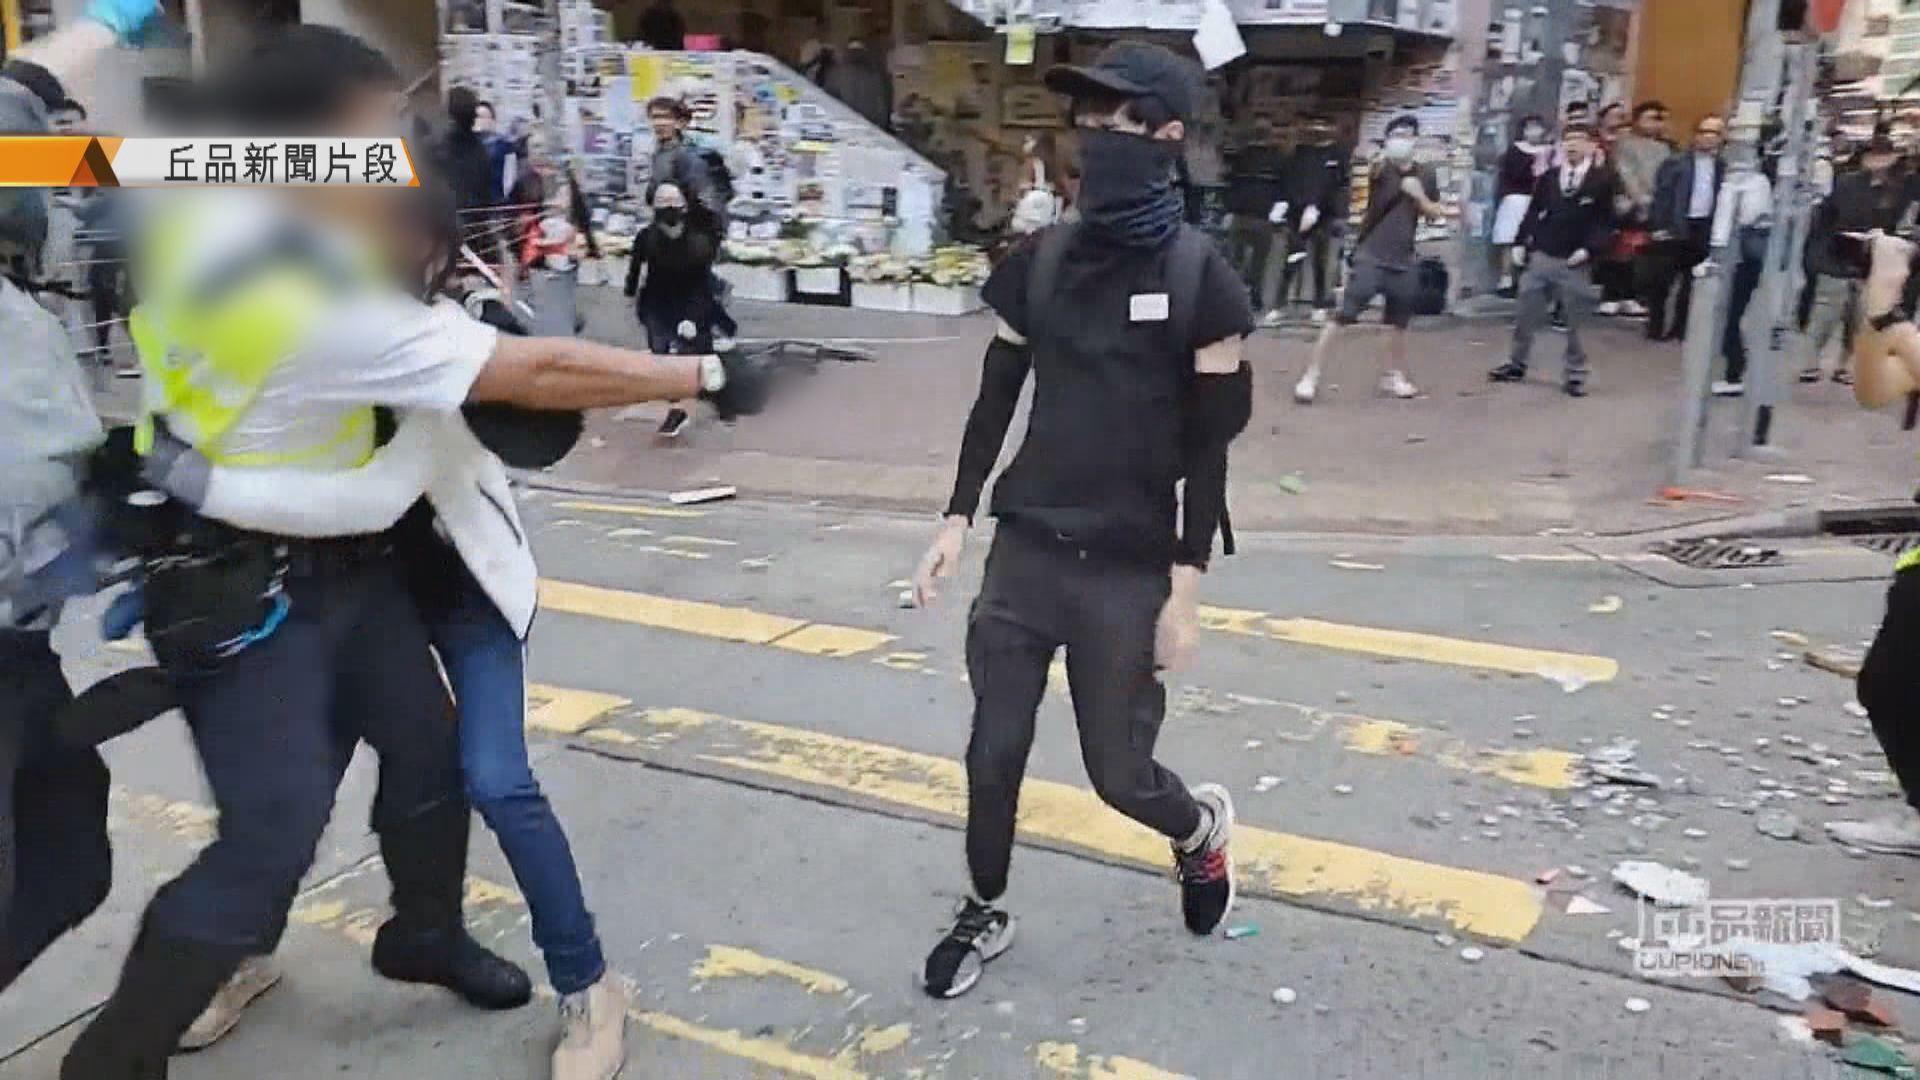 許智峯私人檢控開槍警員 法庭批准8月31日開庭